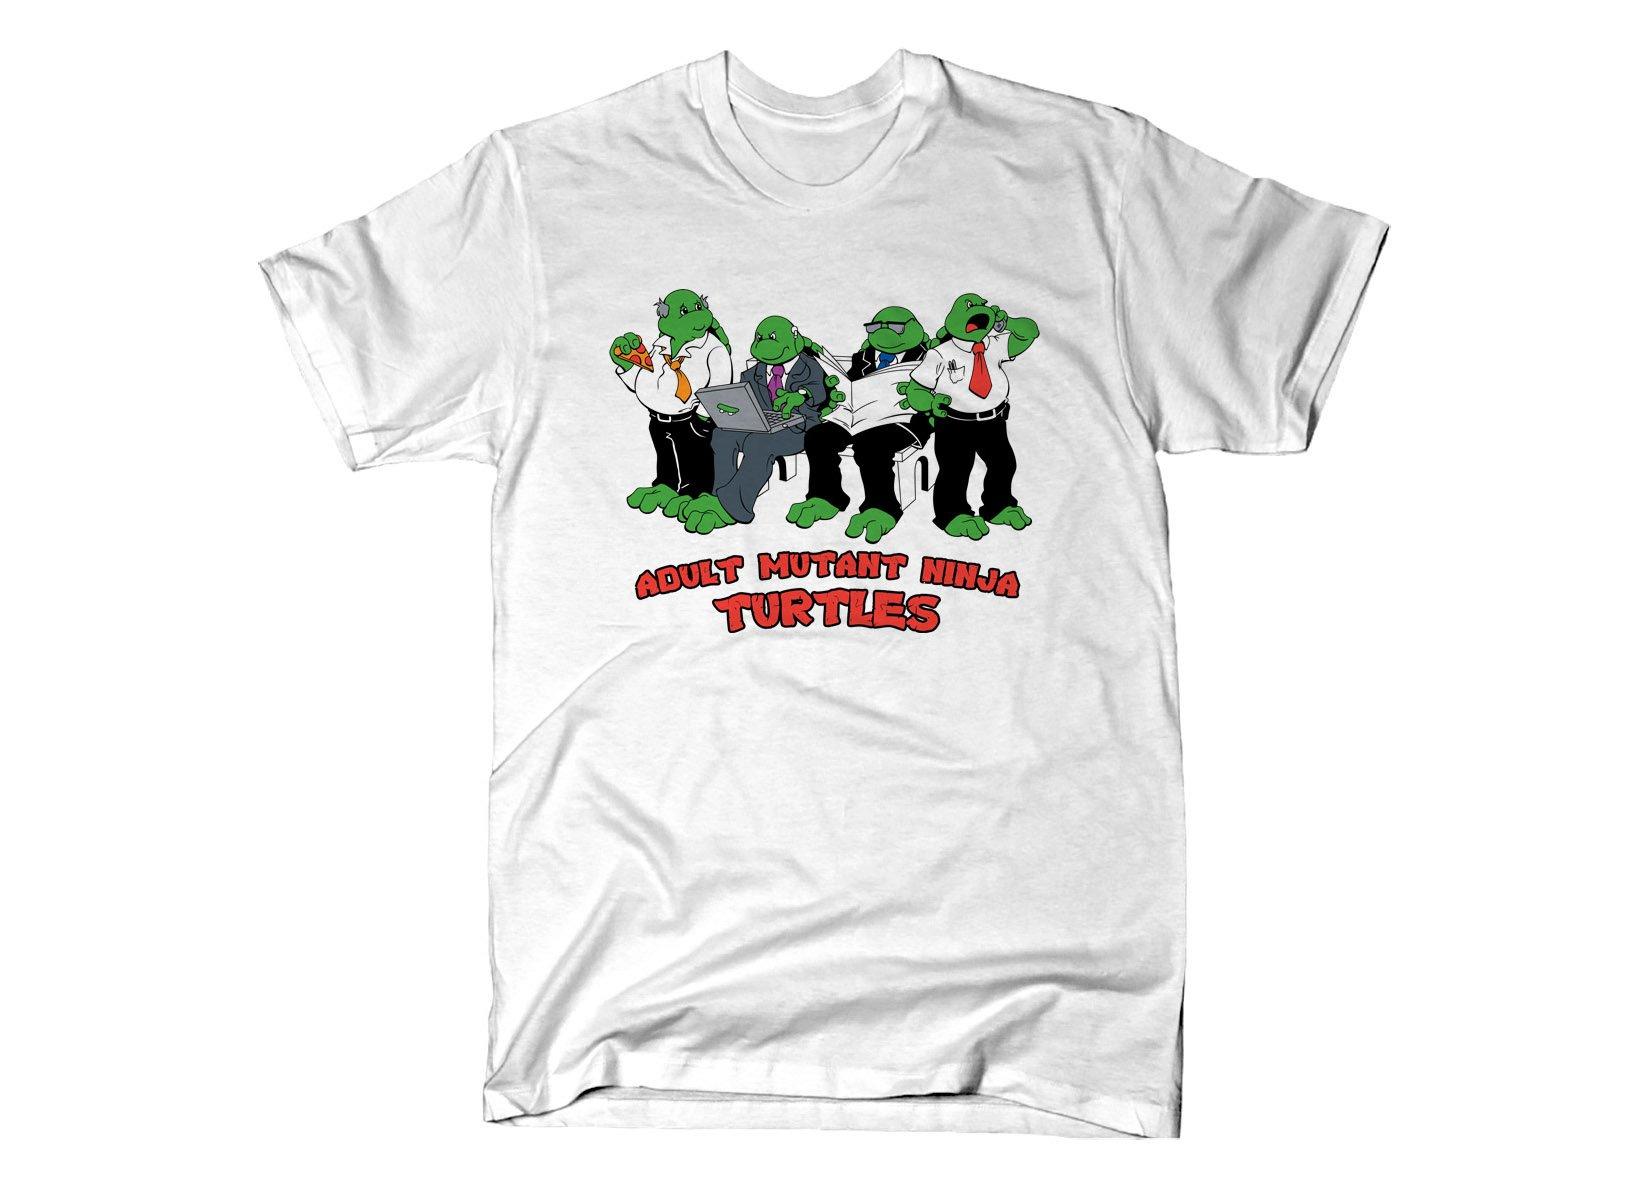 Adult Mutant Ninja Turtles on Mens T-Shirt